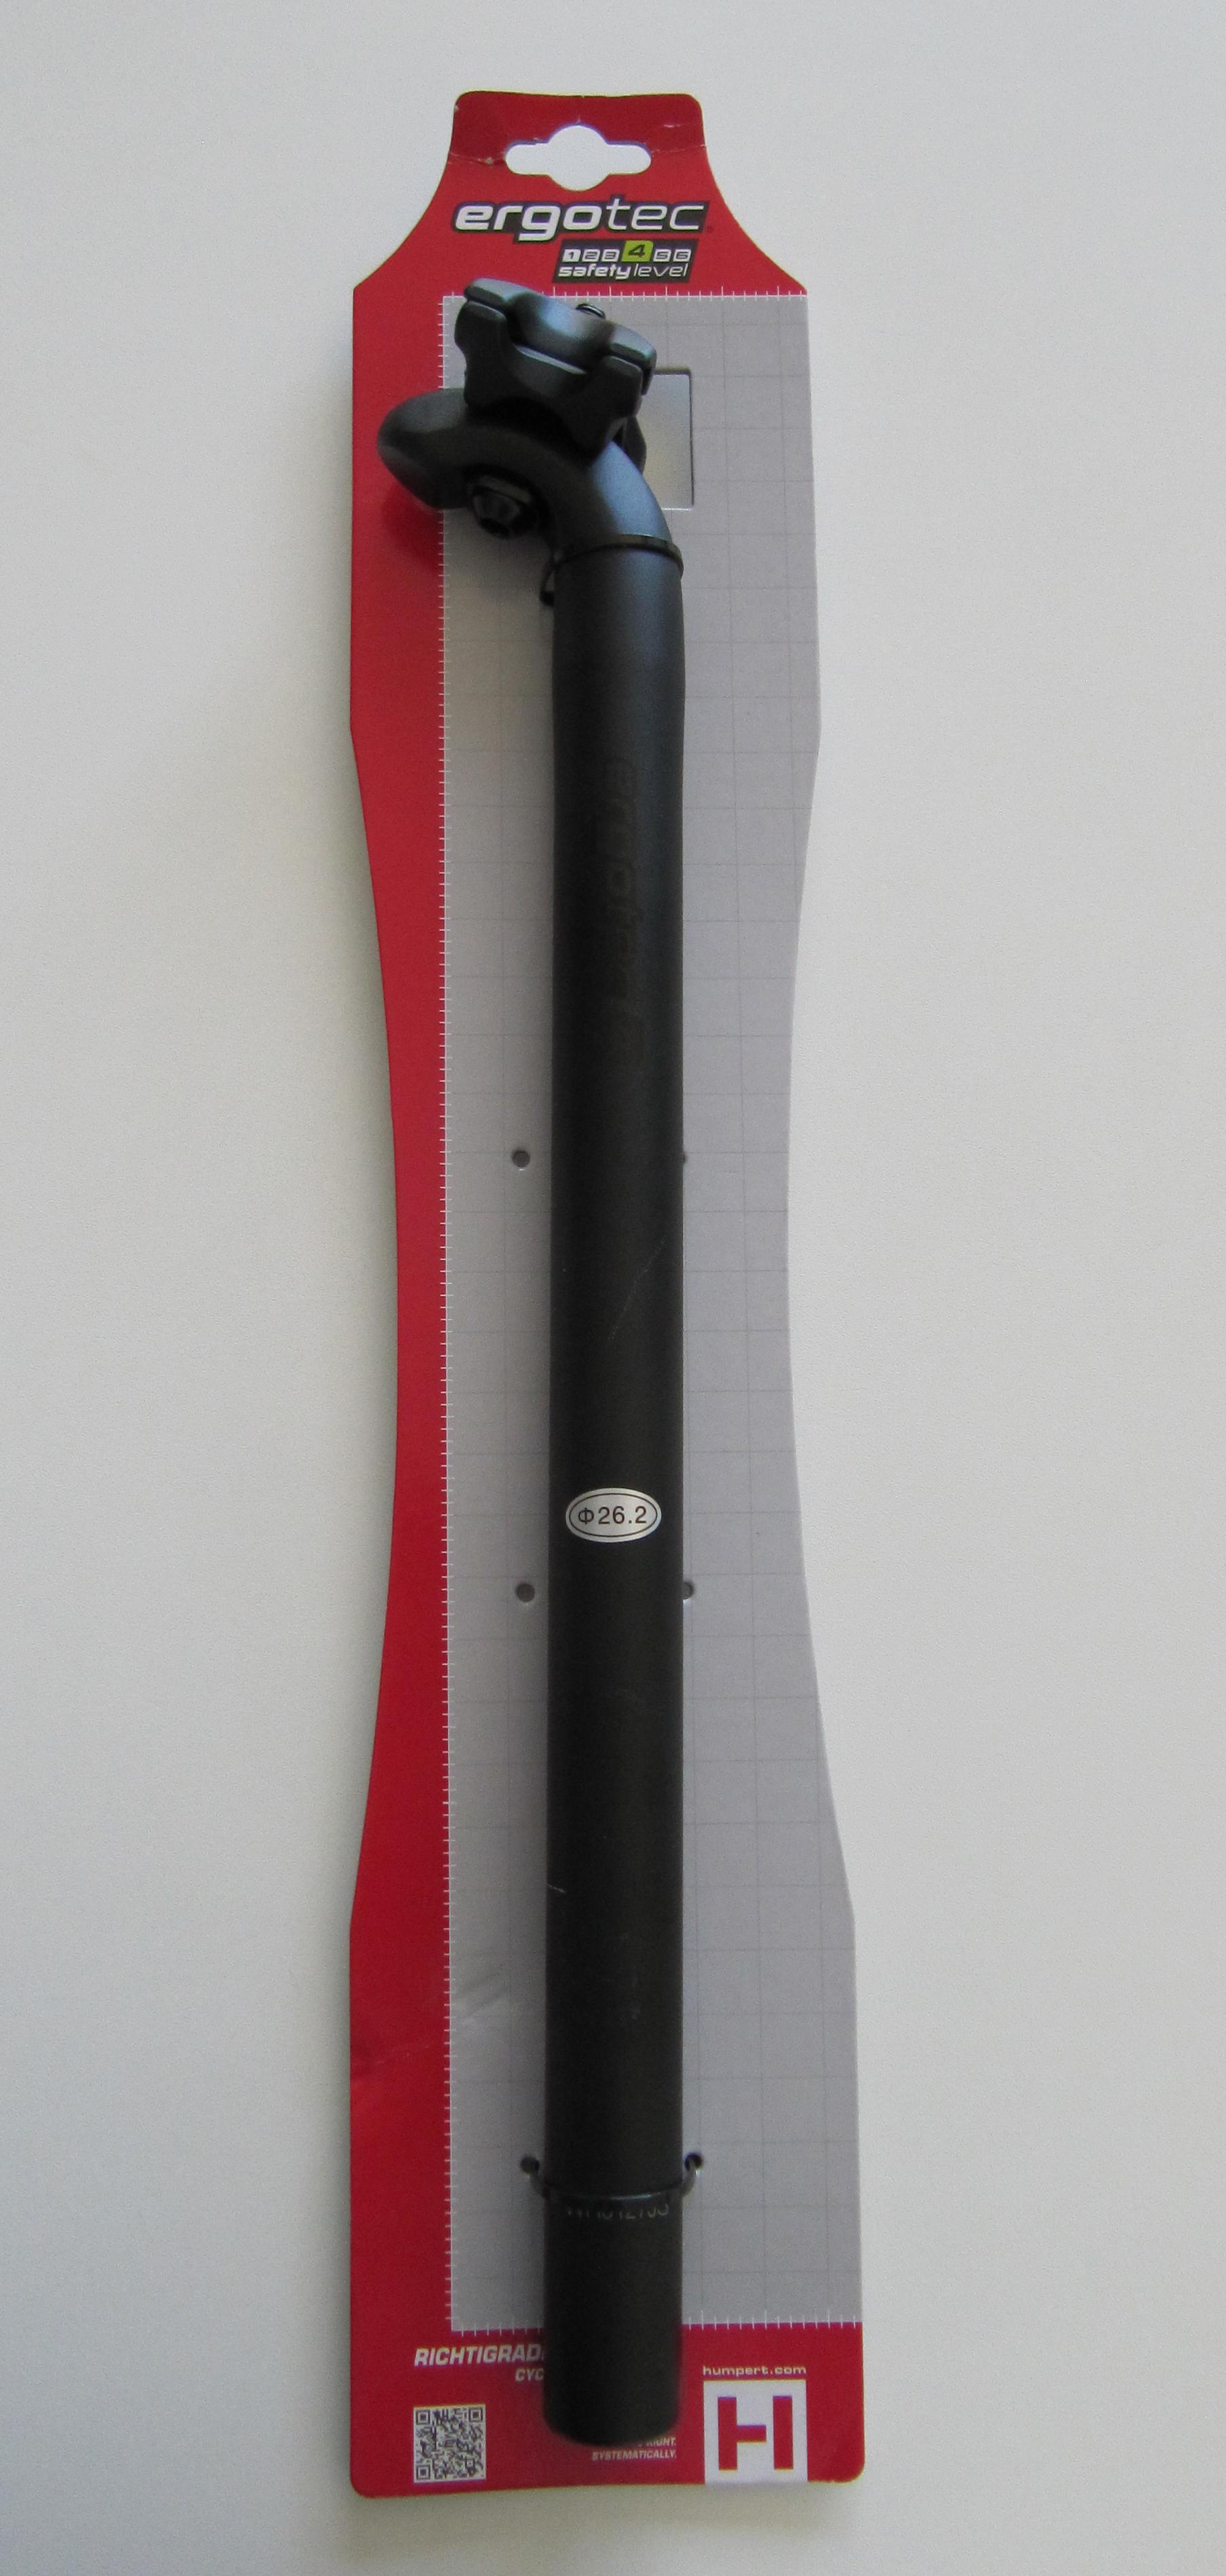 Sattelstütze Ergotec Hook Ø 26,2mm Bild 1